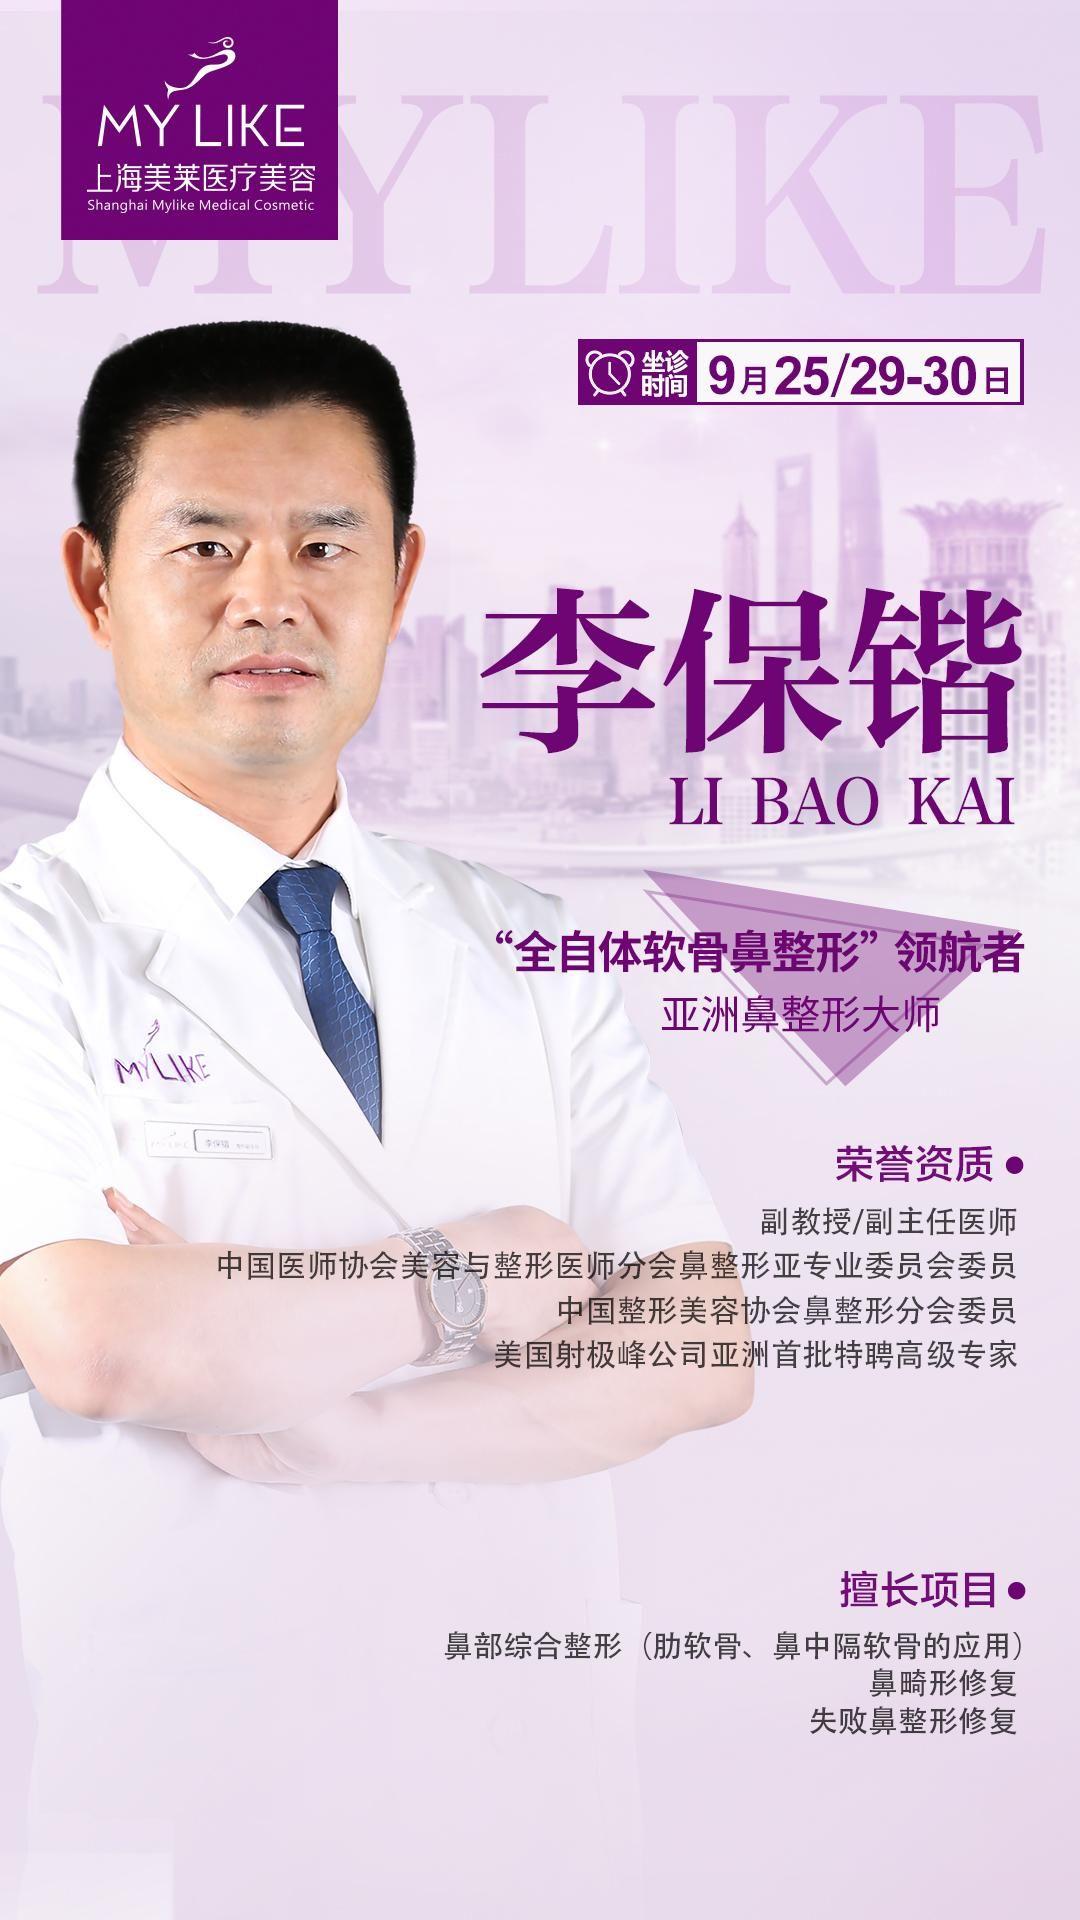 9月25日/29-30日美莱鼻整形技术总监李保锴亲诊上海美莱!